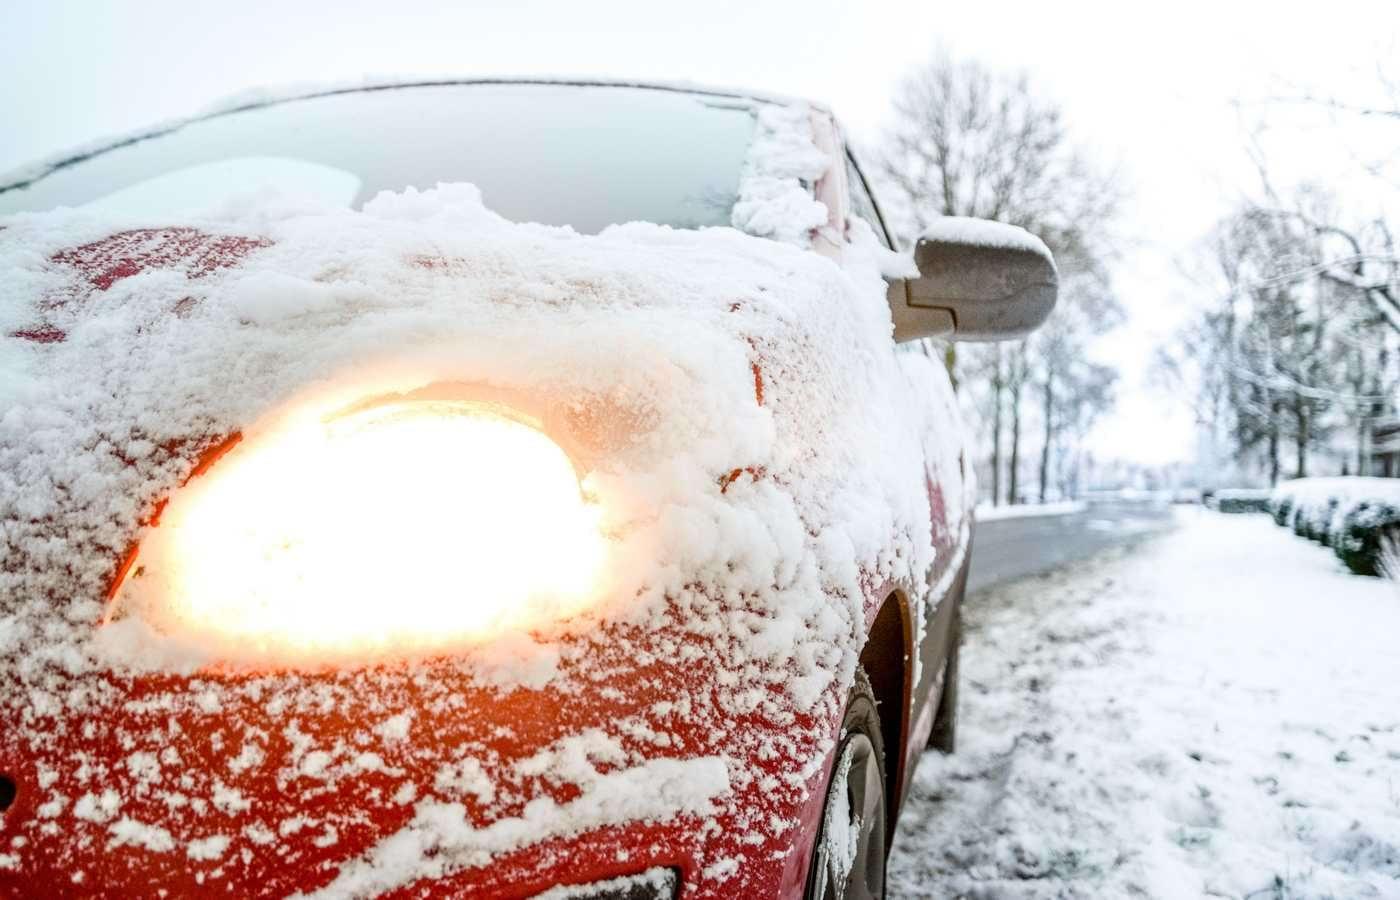 7 obiecte pe care e bine să le ții în mașină iarna